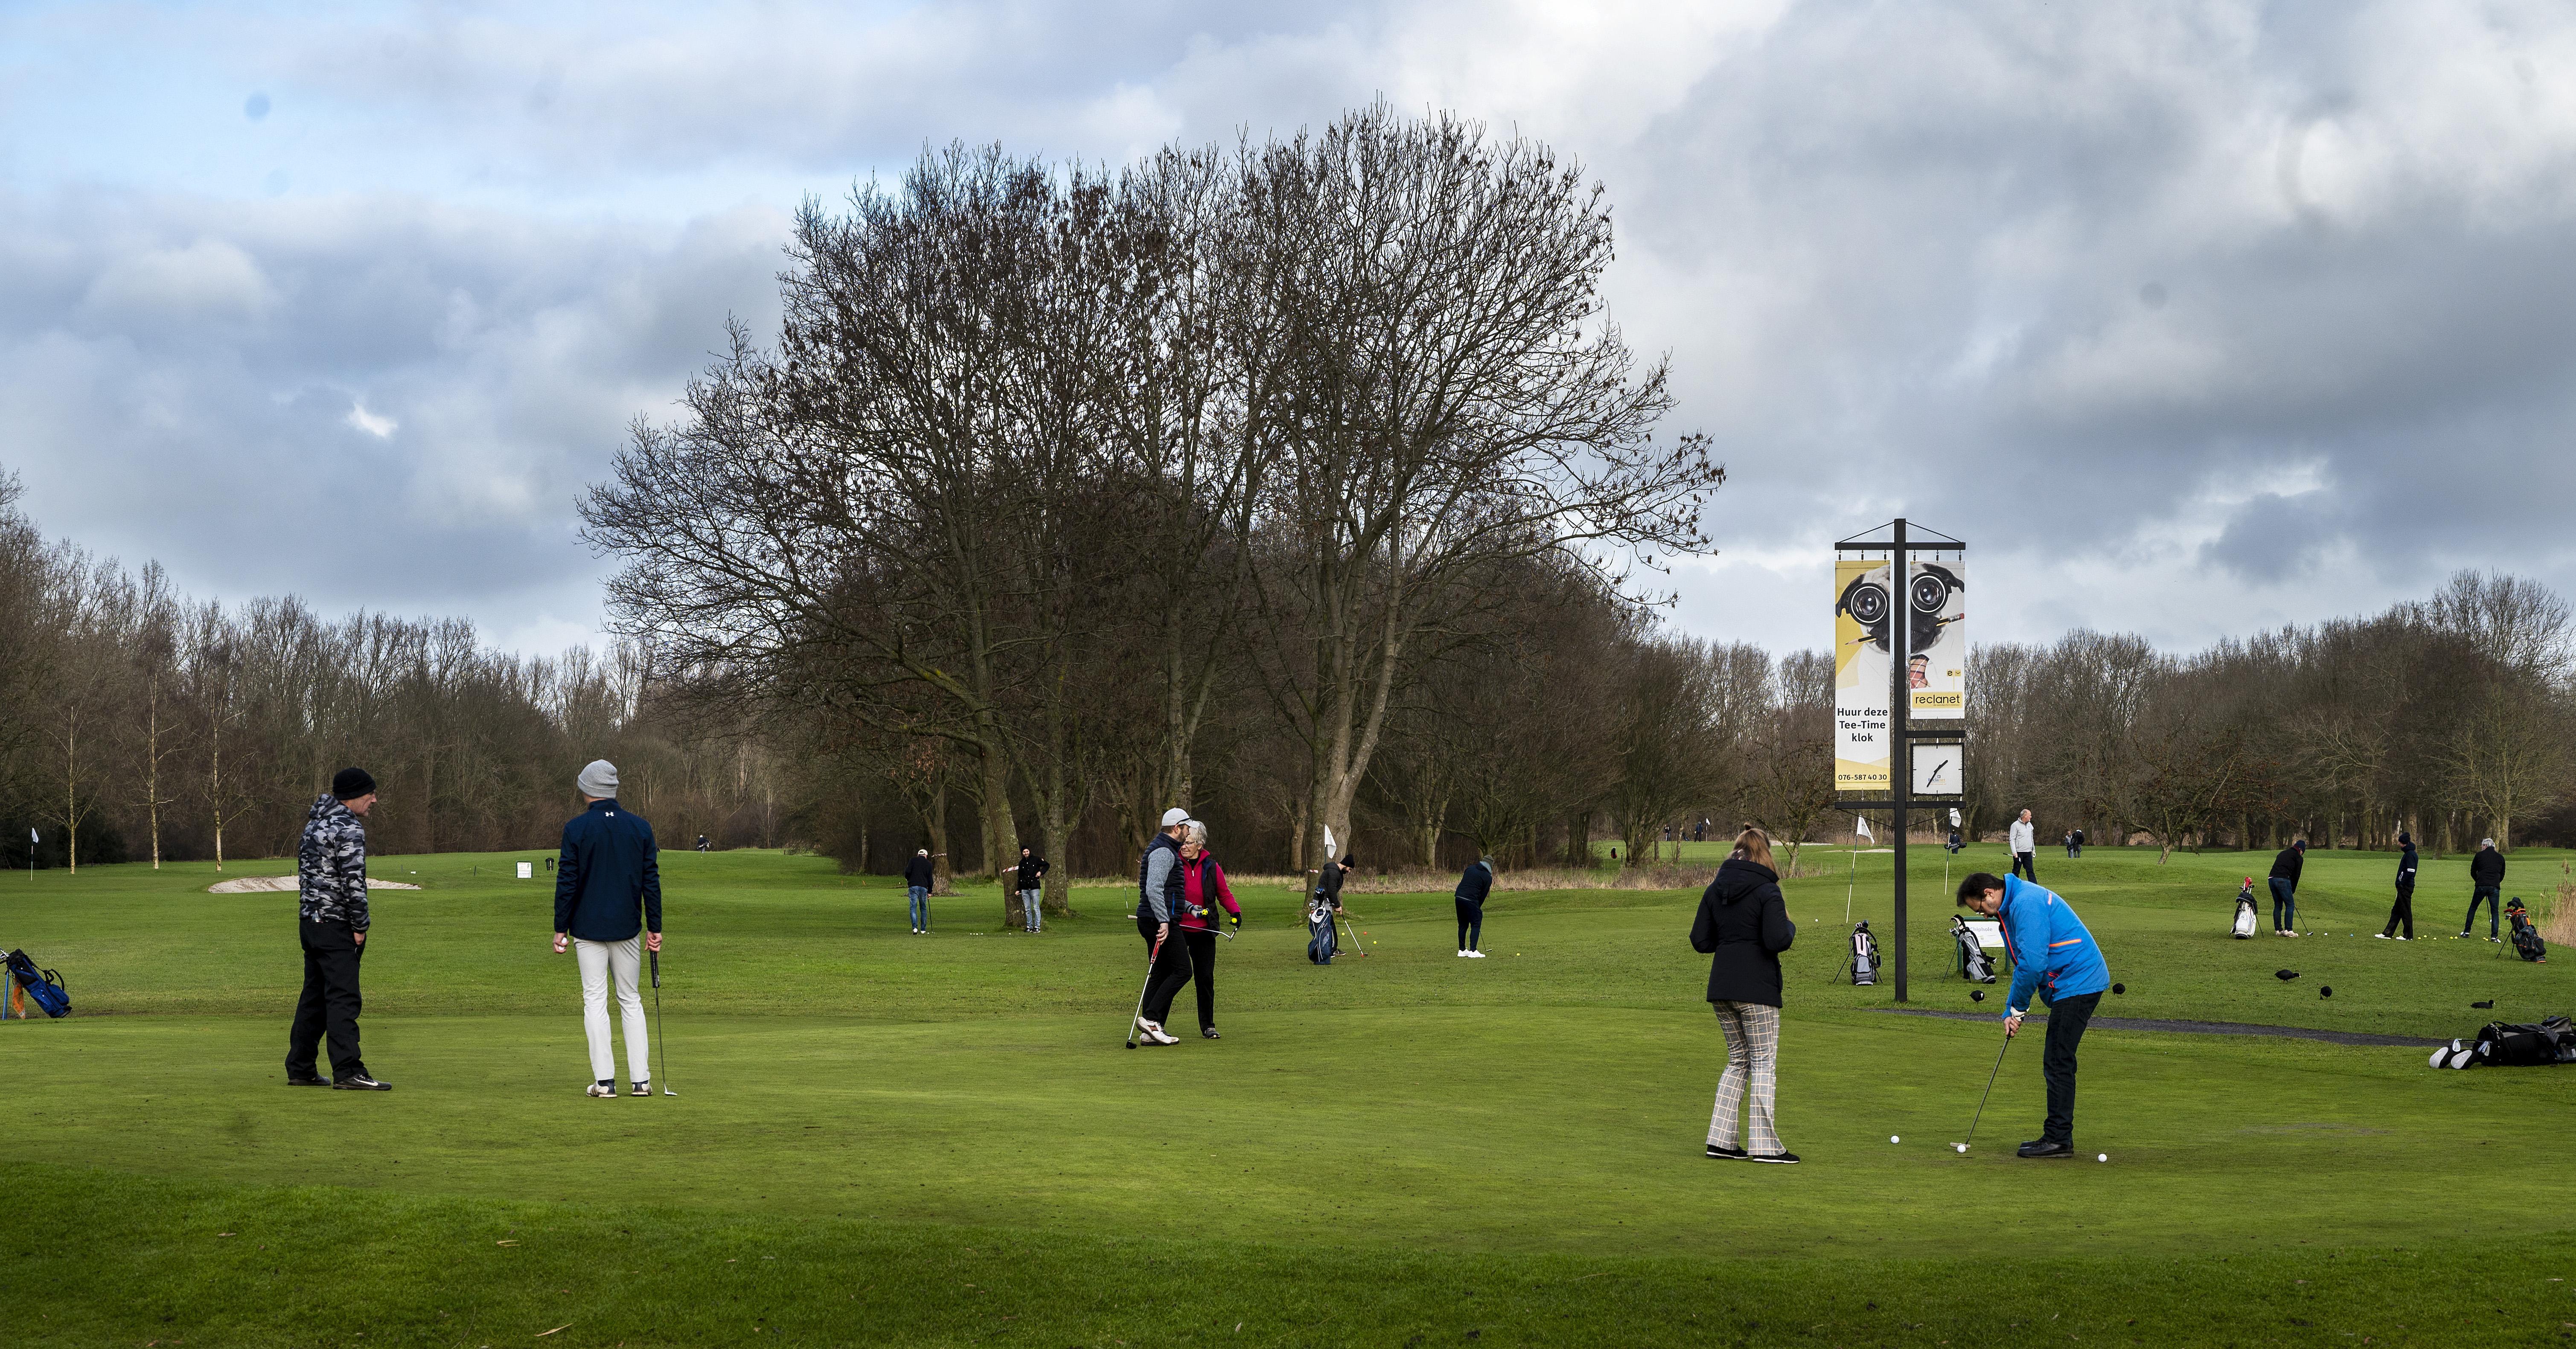 Drukte op de golfbanen in Heemskerk en recreatiegebied Spaarnwoude: 'Verder kan niets, en je wilt toch even lekker naar buiten'